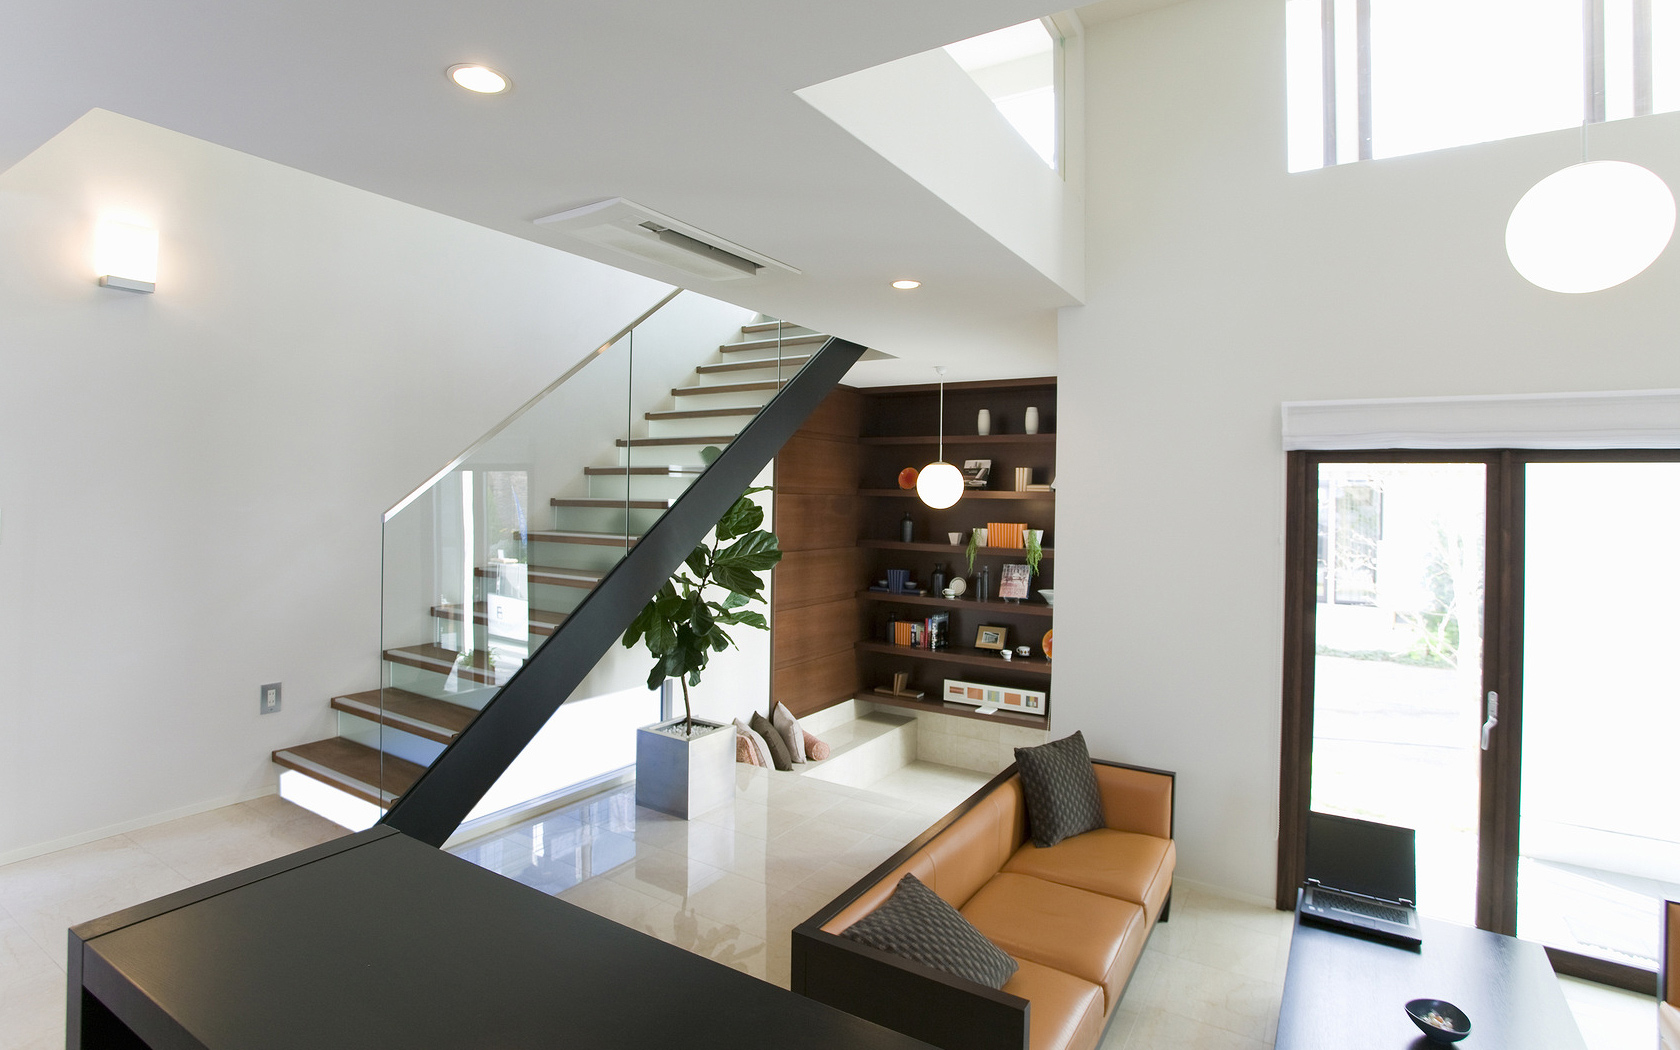 immobilier 75 92 93 94 ile de france essonne hauts de seine paris. Black Bedroom Furniture Sets. Home Design Ideas